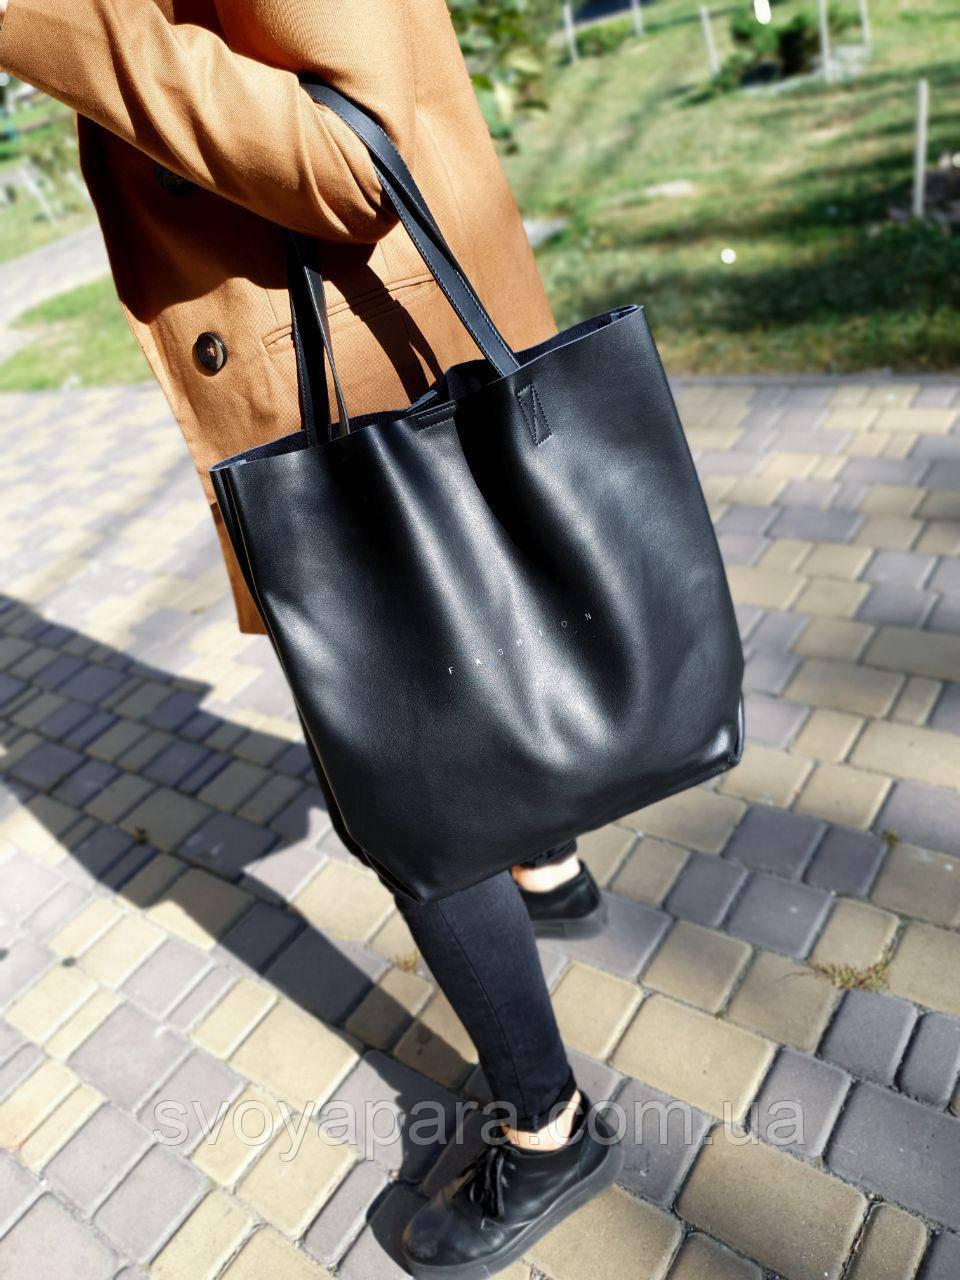 Кожаная женская сумка-шоппер размером 41х39 см Черная (01268)